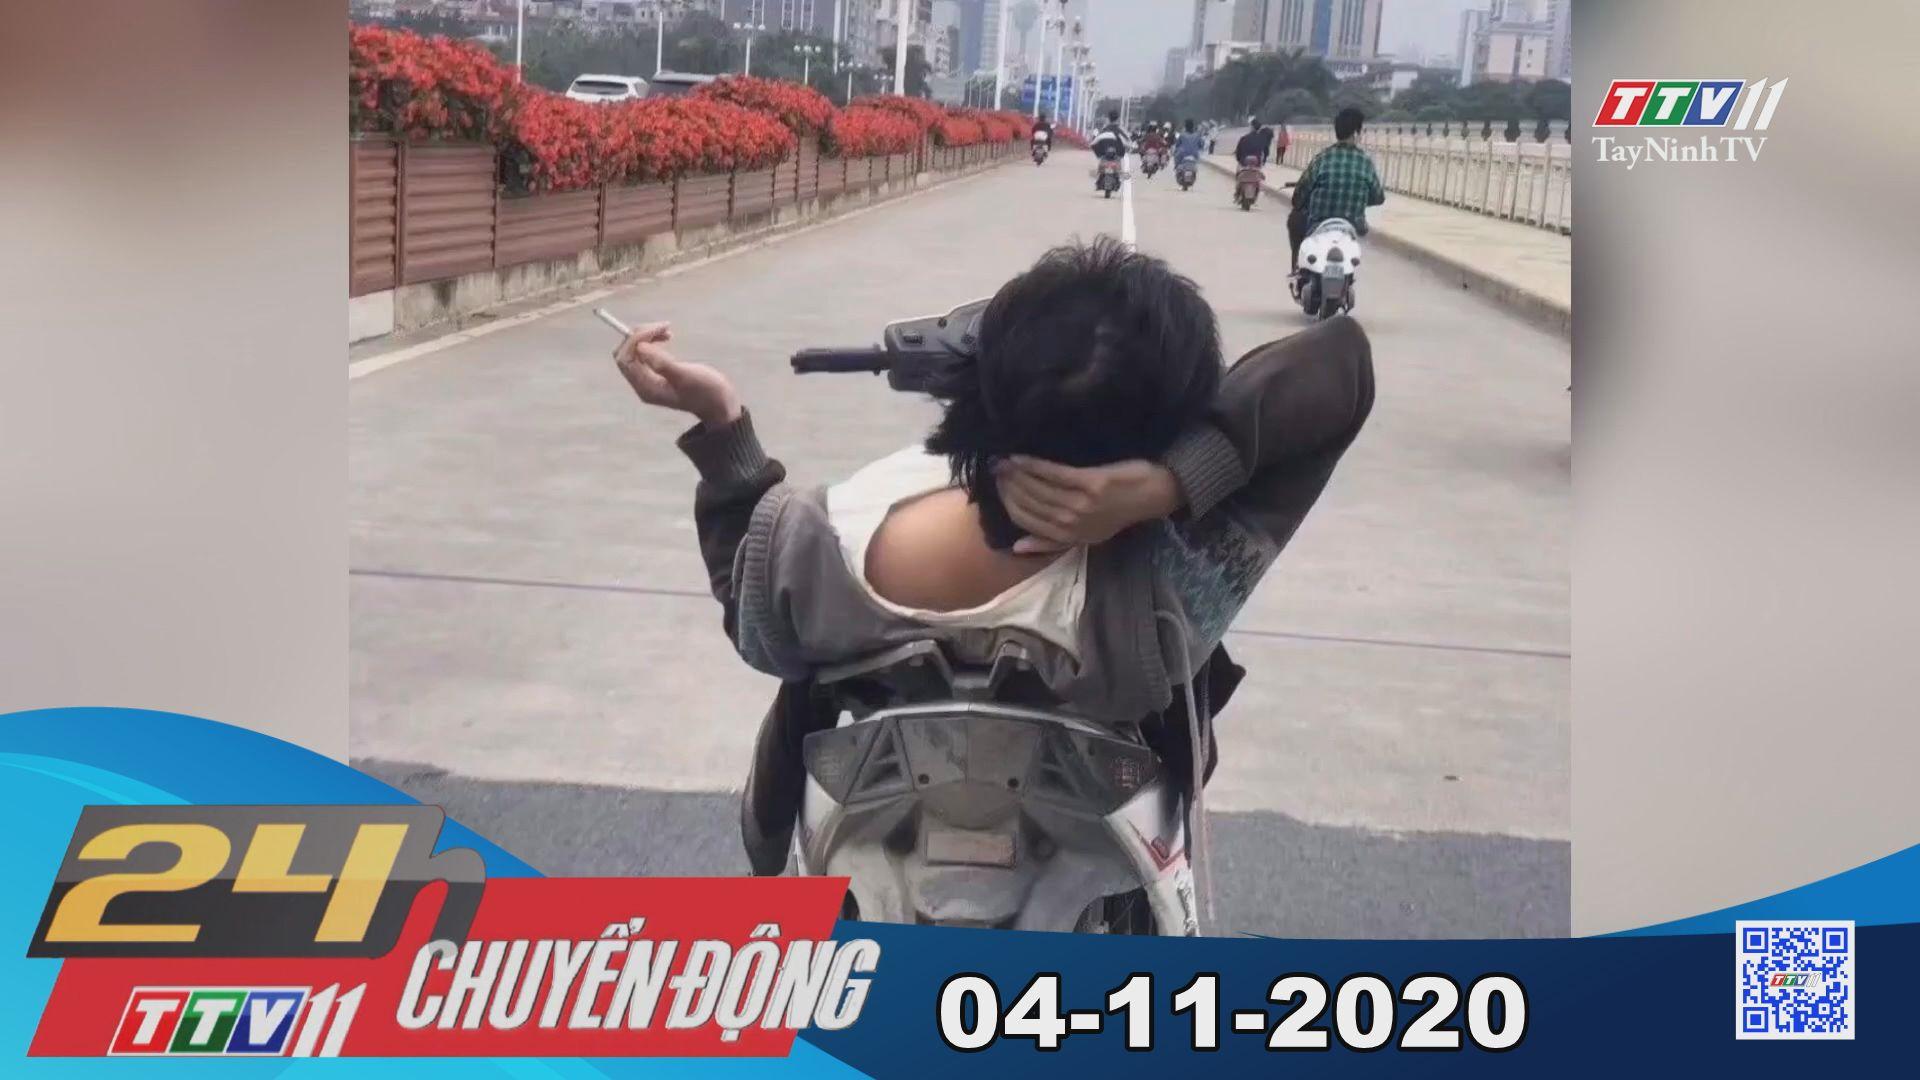 24h Chuyển động 04-11-2020 | Tin tức hôm nay | TayNinhTV